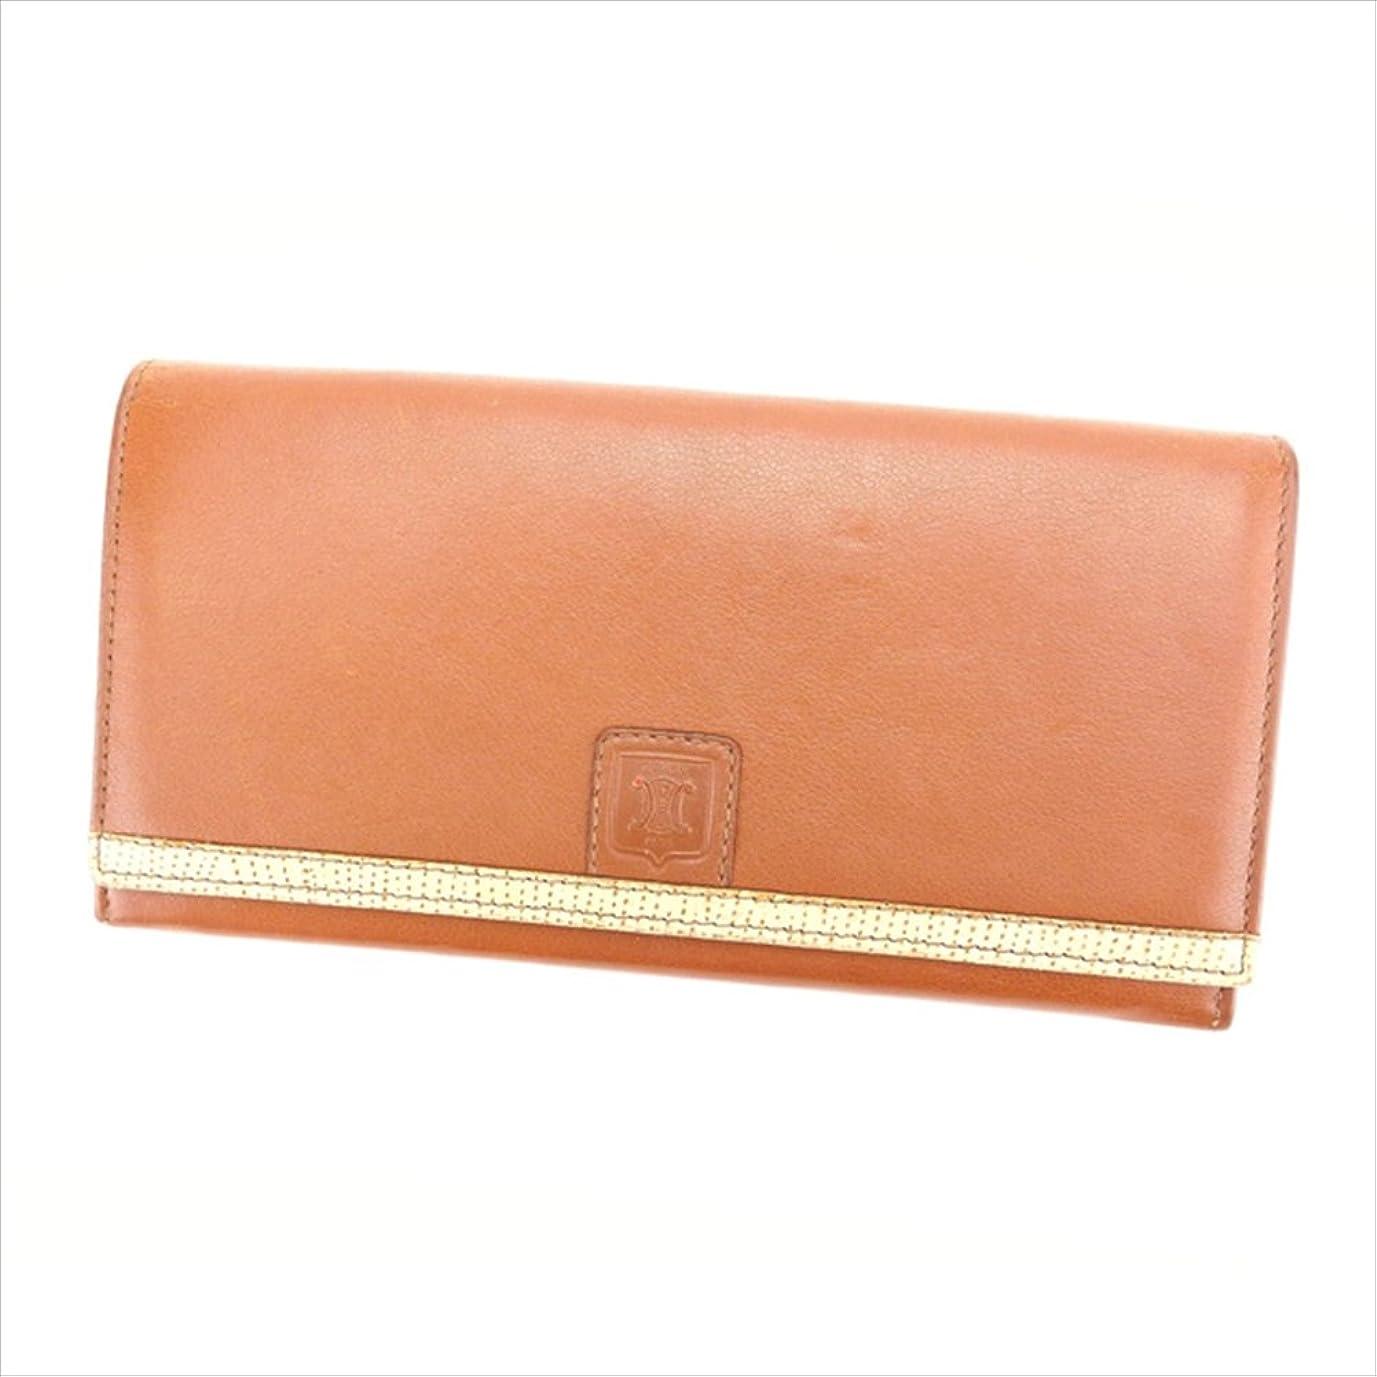 変換ギャップフリンジ(セリーヌ) Celine 長財布 がま口 ライトブラウン レディース 中古 N284